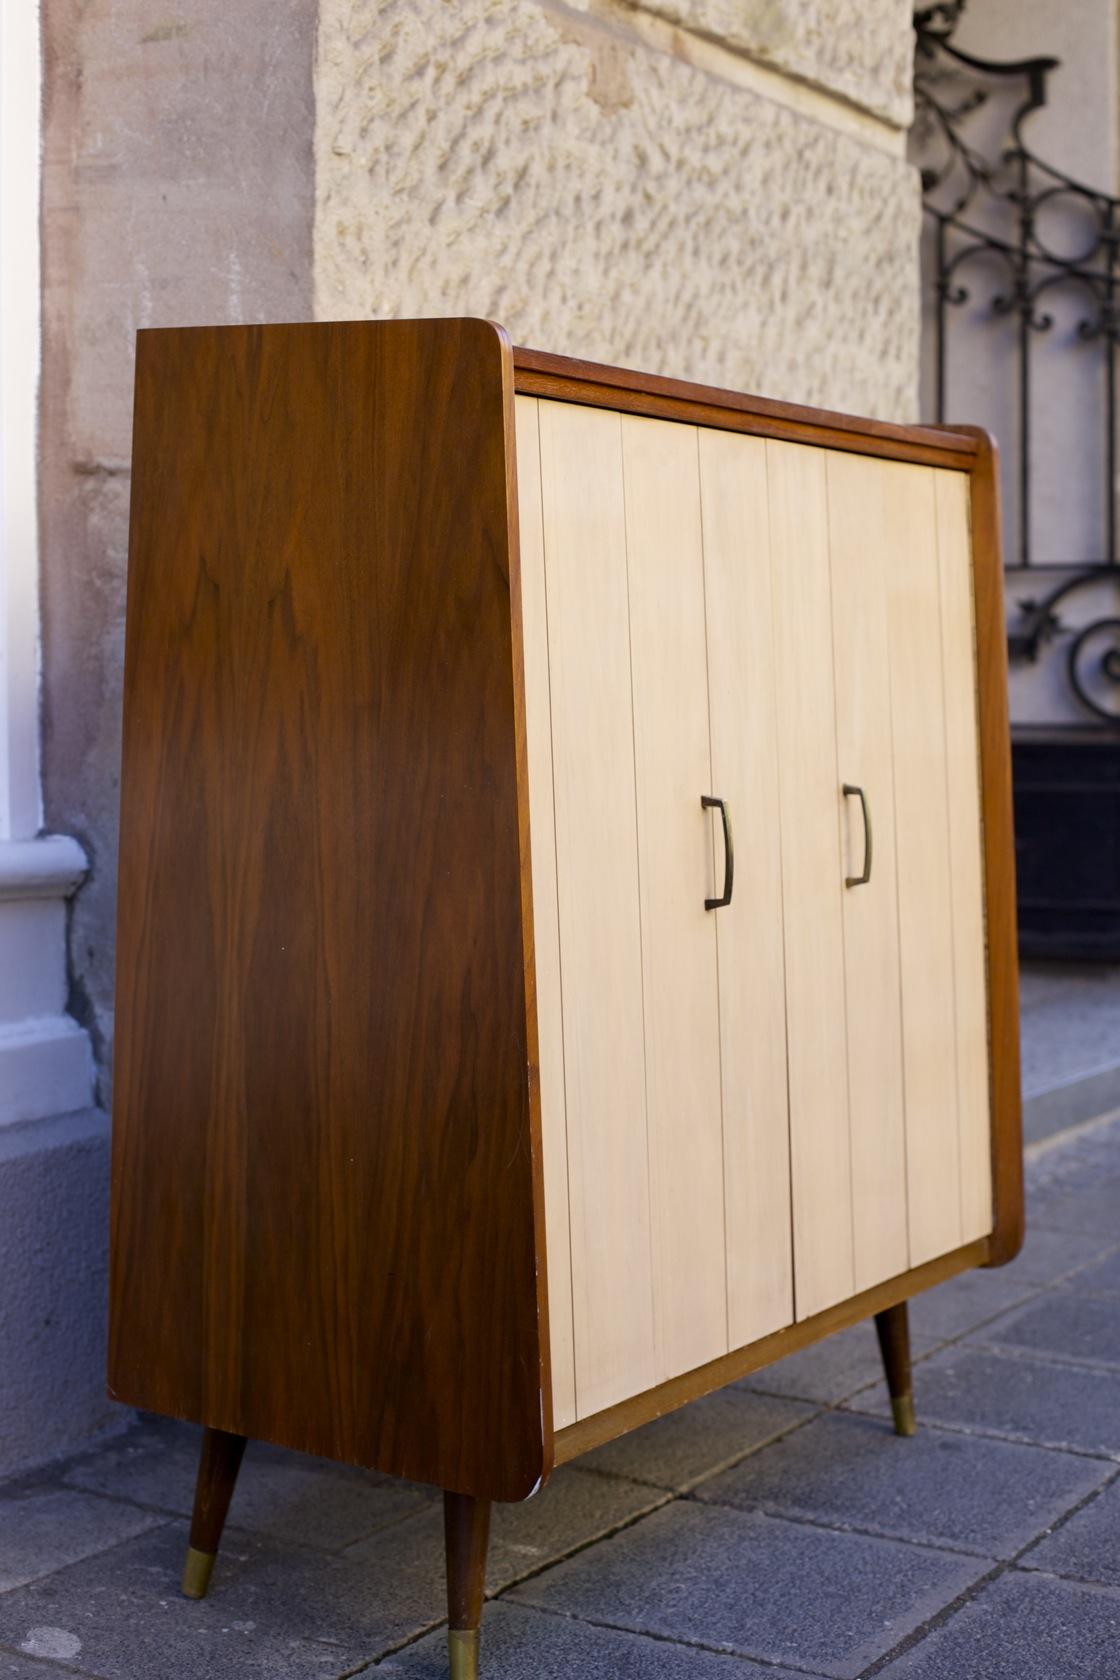 schuhschrank mit faltt ren raumwunder vintage wohnen. Black Bedroom Furniture Sets. Home Design Ideas